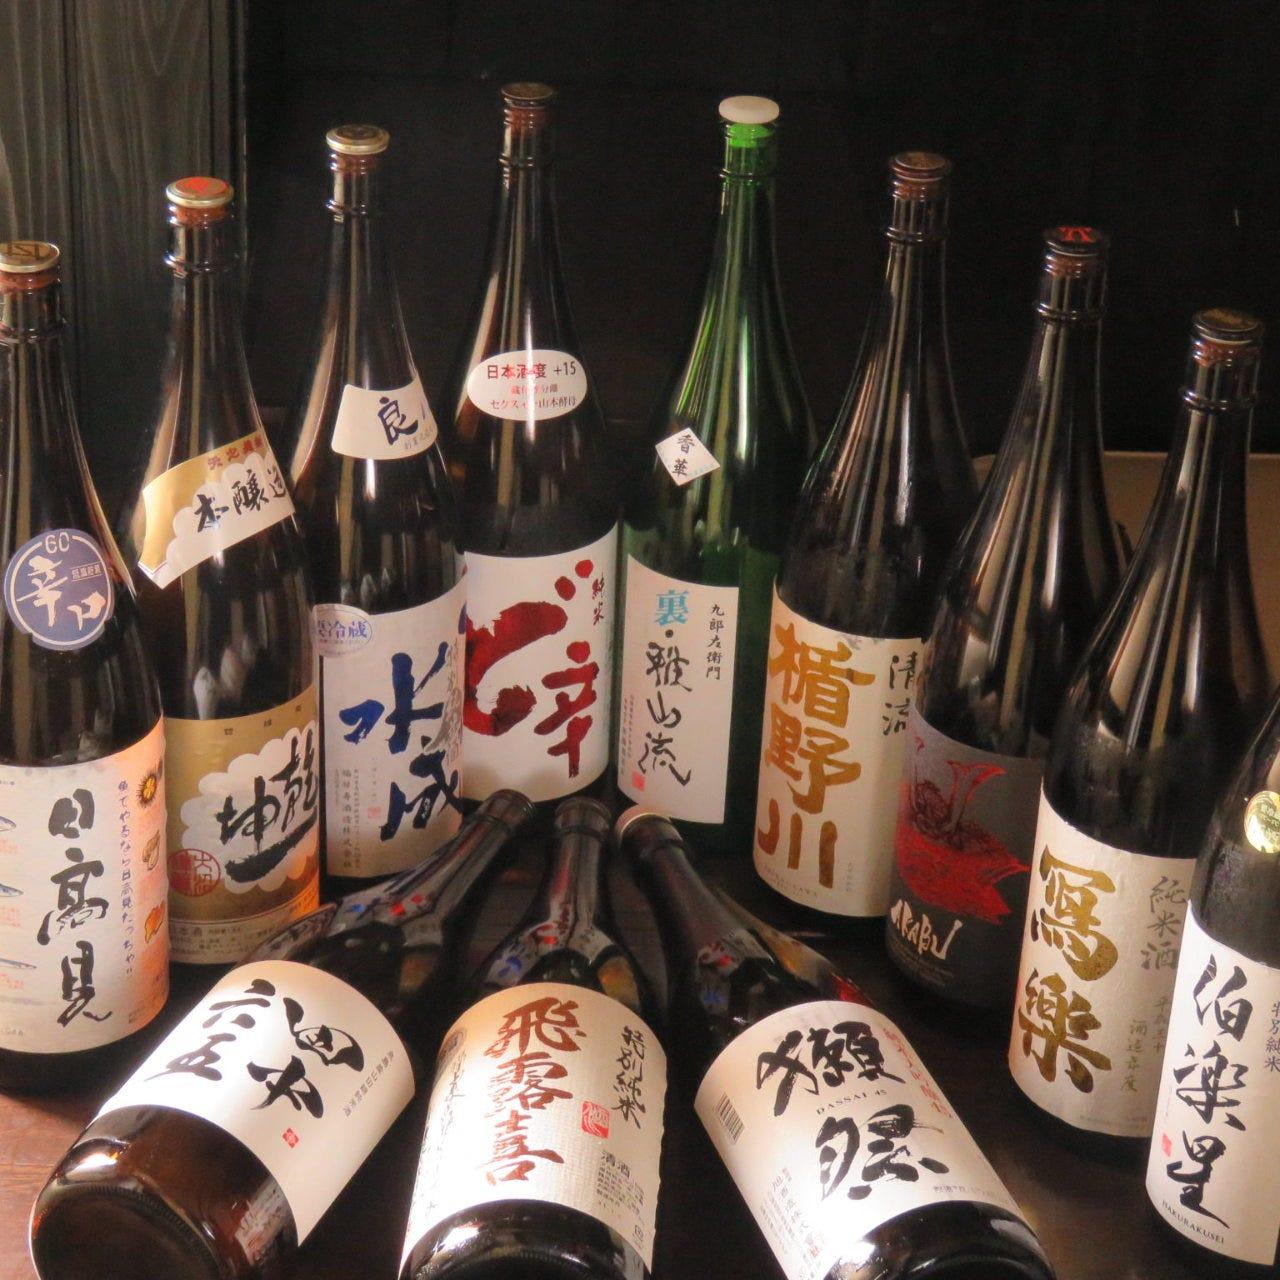 オーナーが厳選吟味して仕入れる全国各地の日本酒をどうぞ